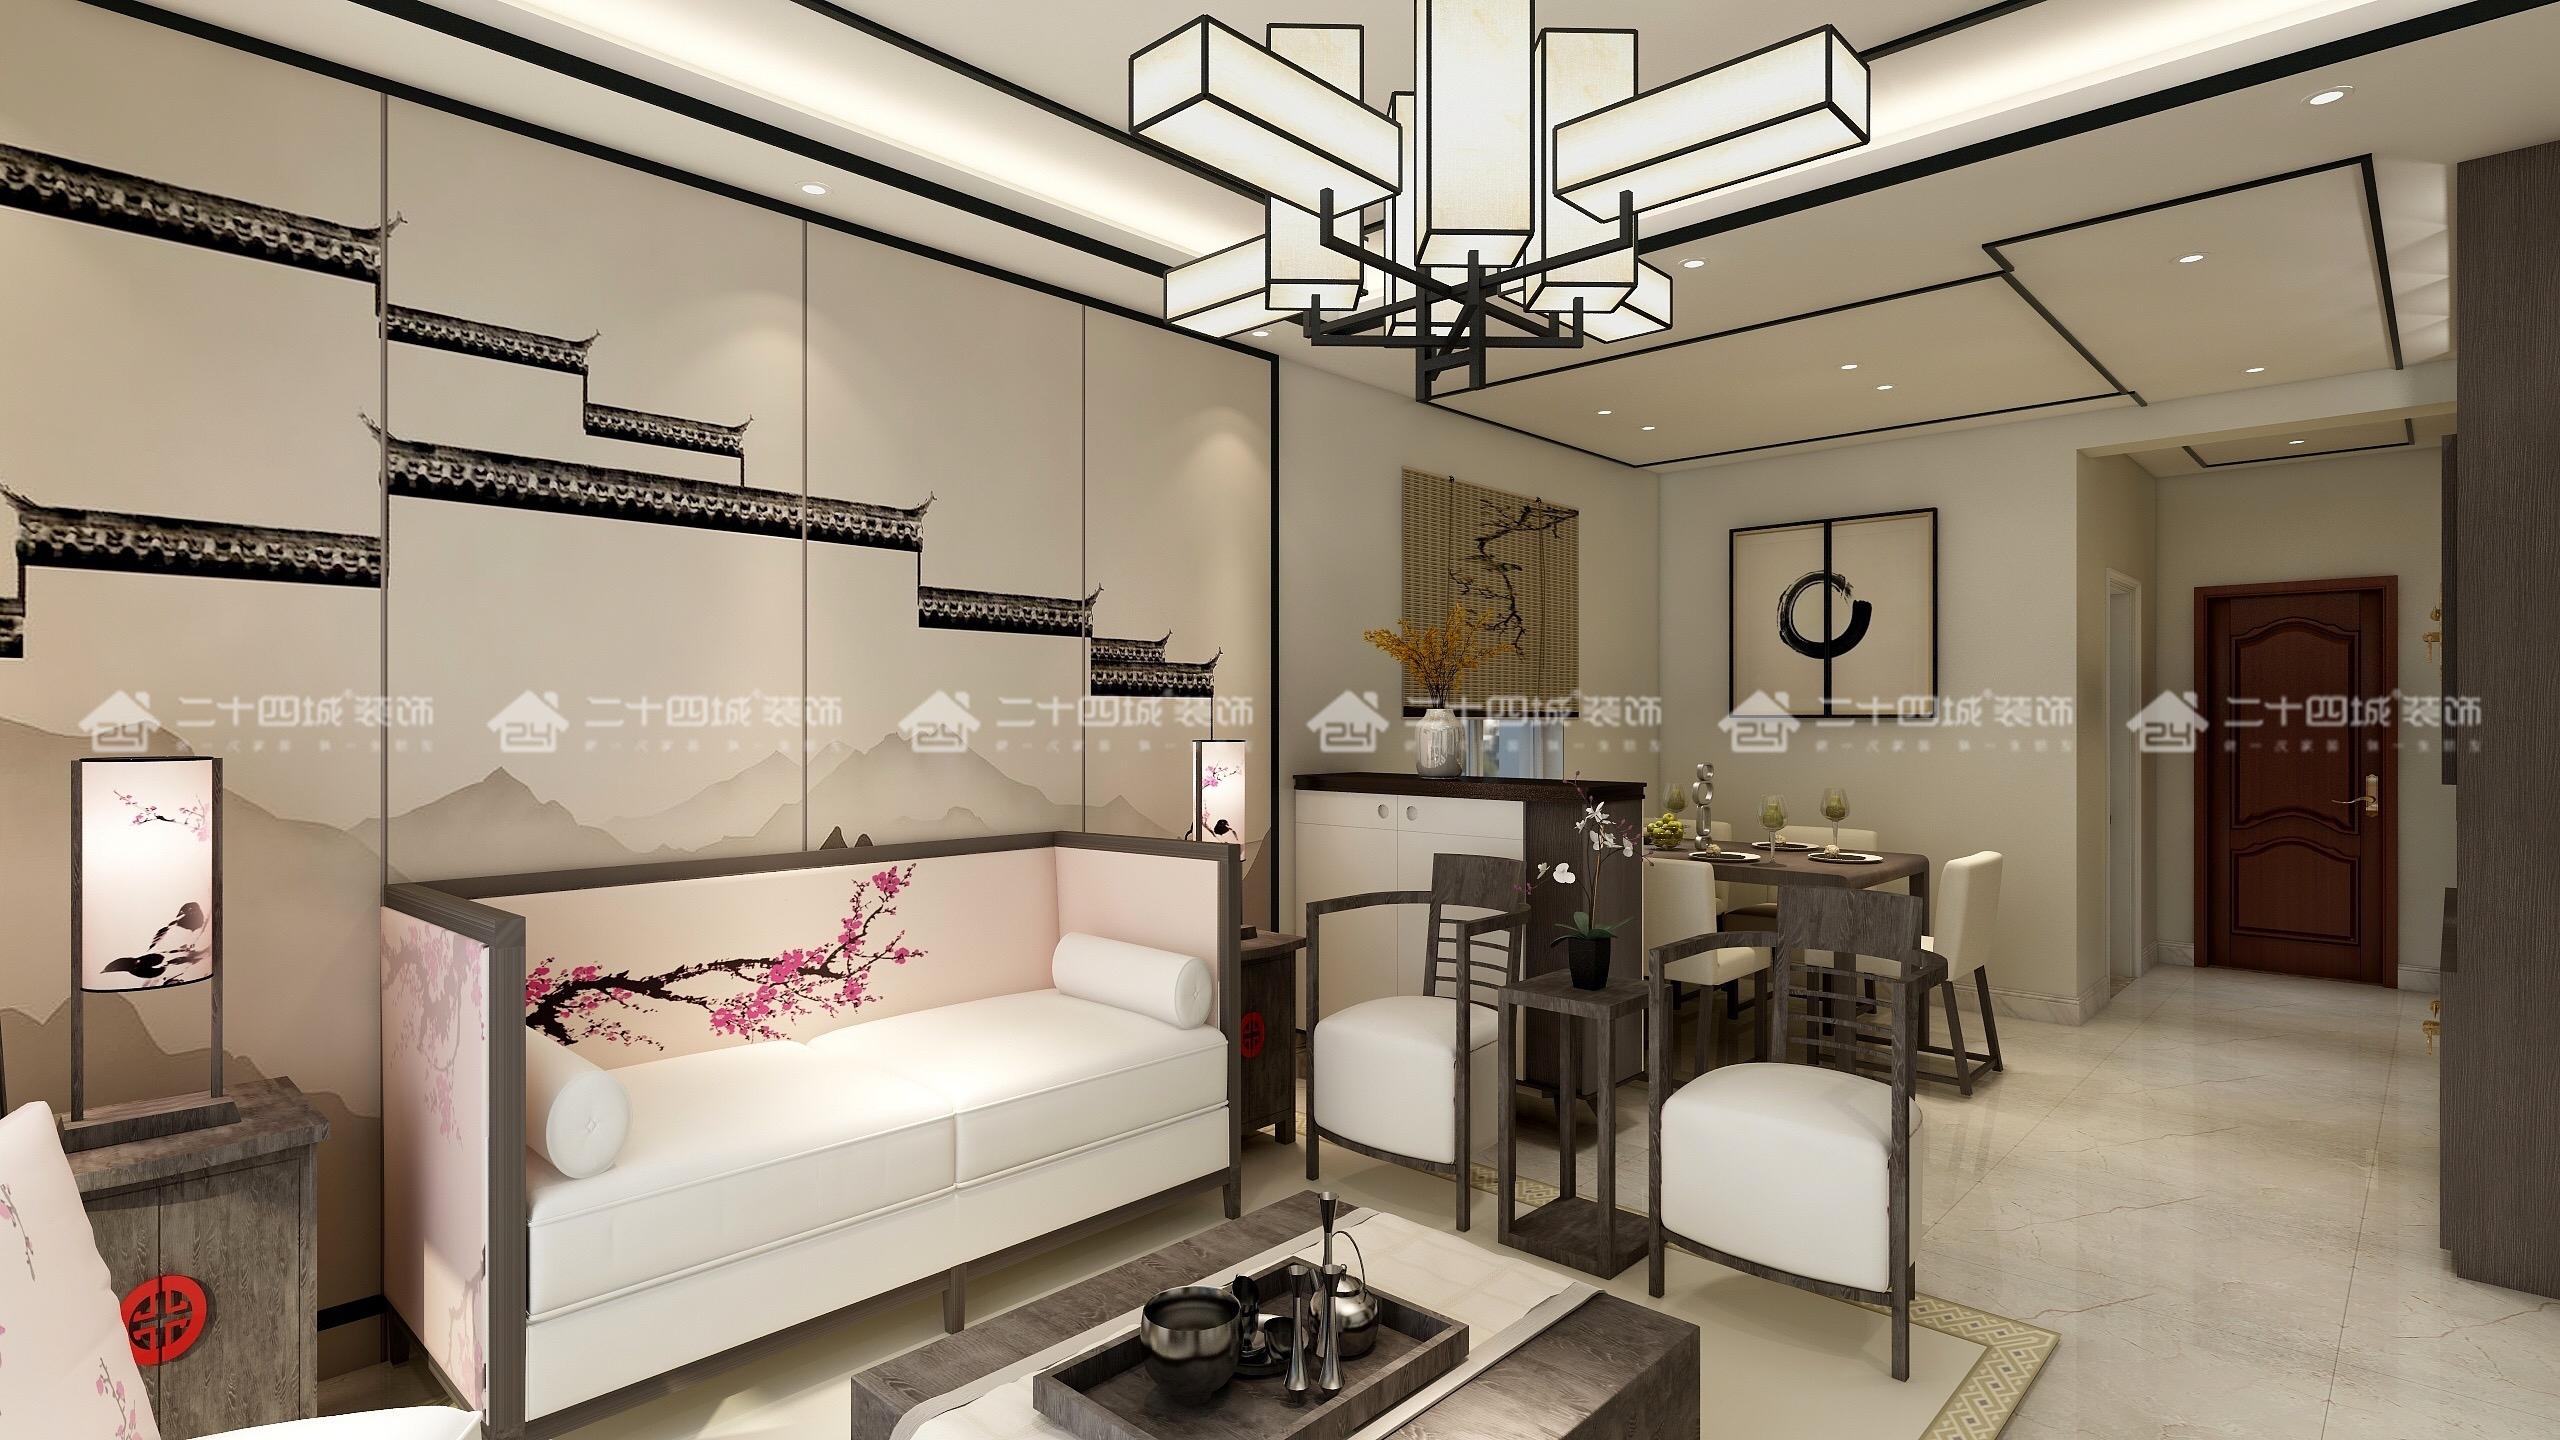 中式 中式古韵 新中式 混搭 三居 白领 收纳 旧房改造 80后 餐厅图片来自二十四城装饰(集团)昆明公司在金泰国际 新中式的分享